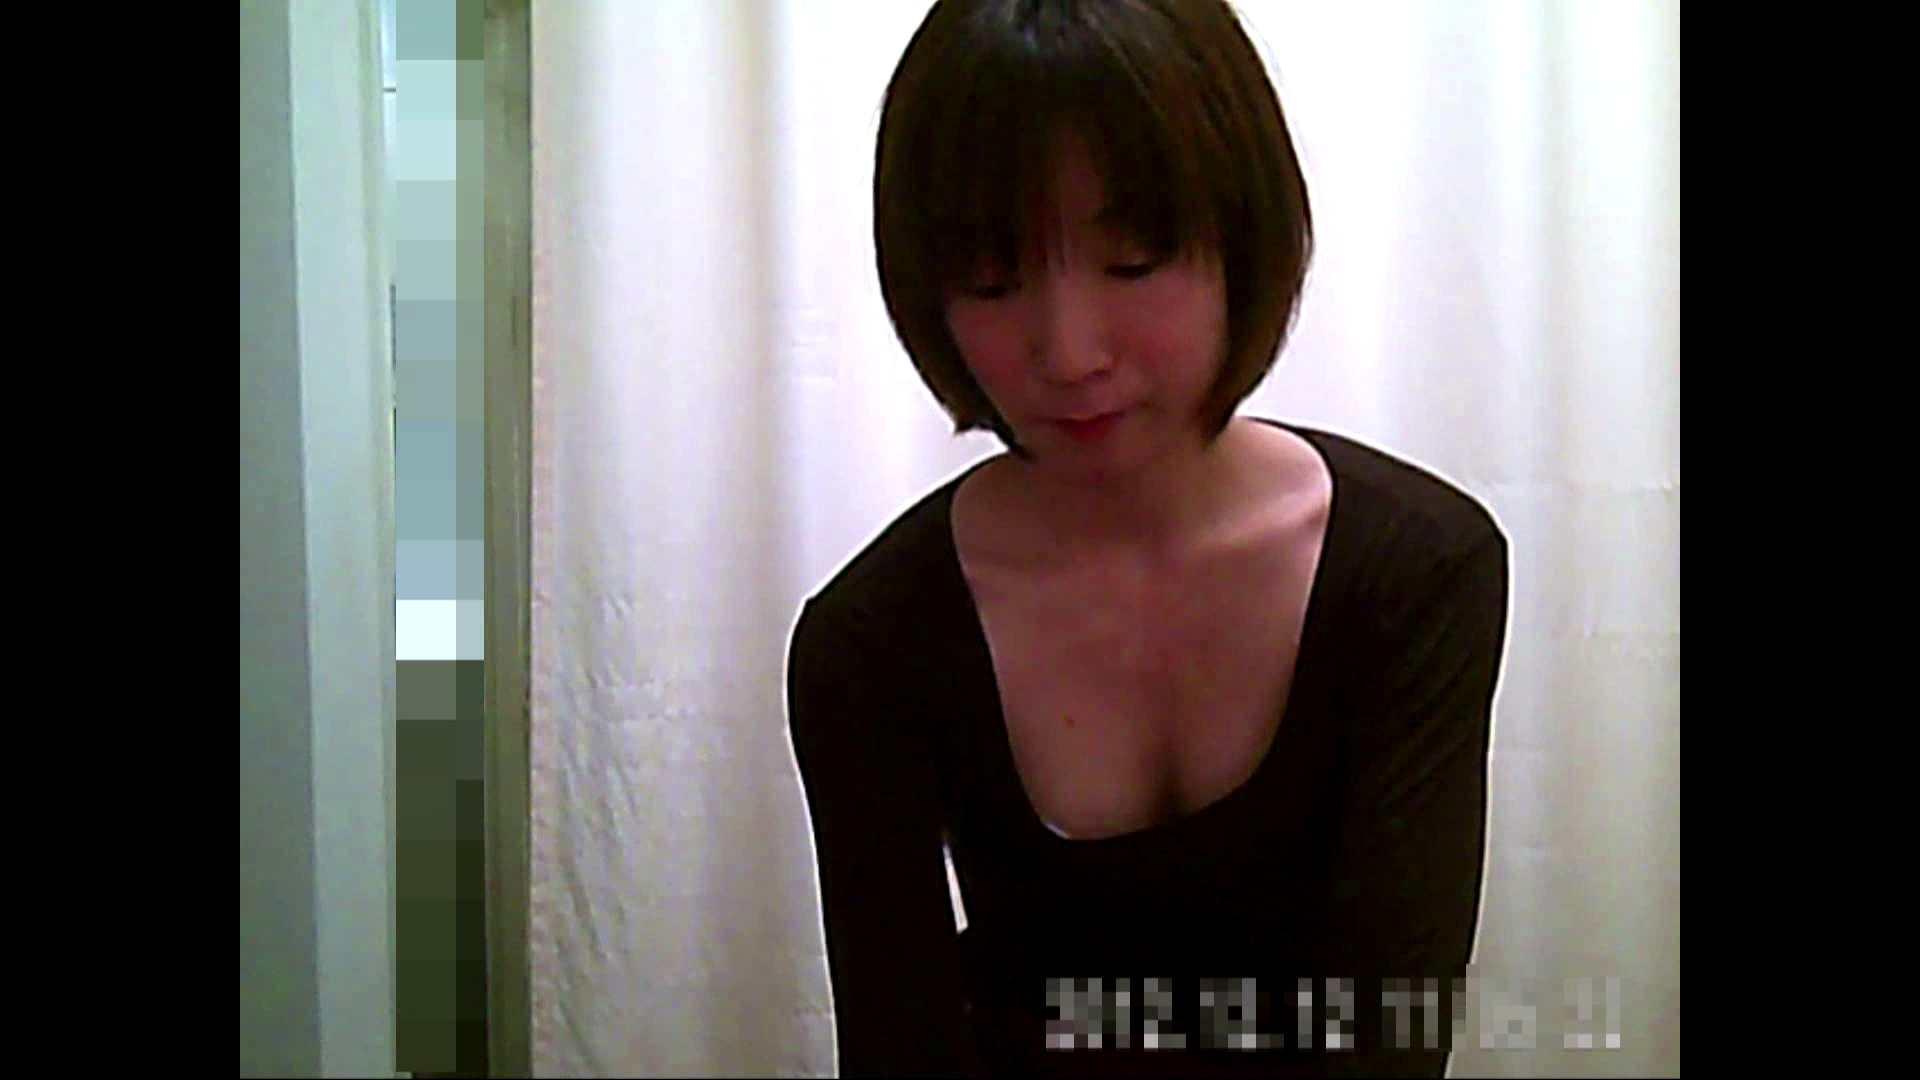 元医者による反抗 更衣室地獄絵巻 vol.121 OL女体  105連発 54